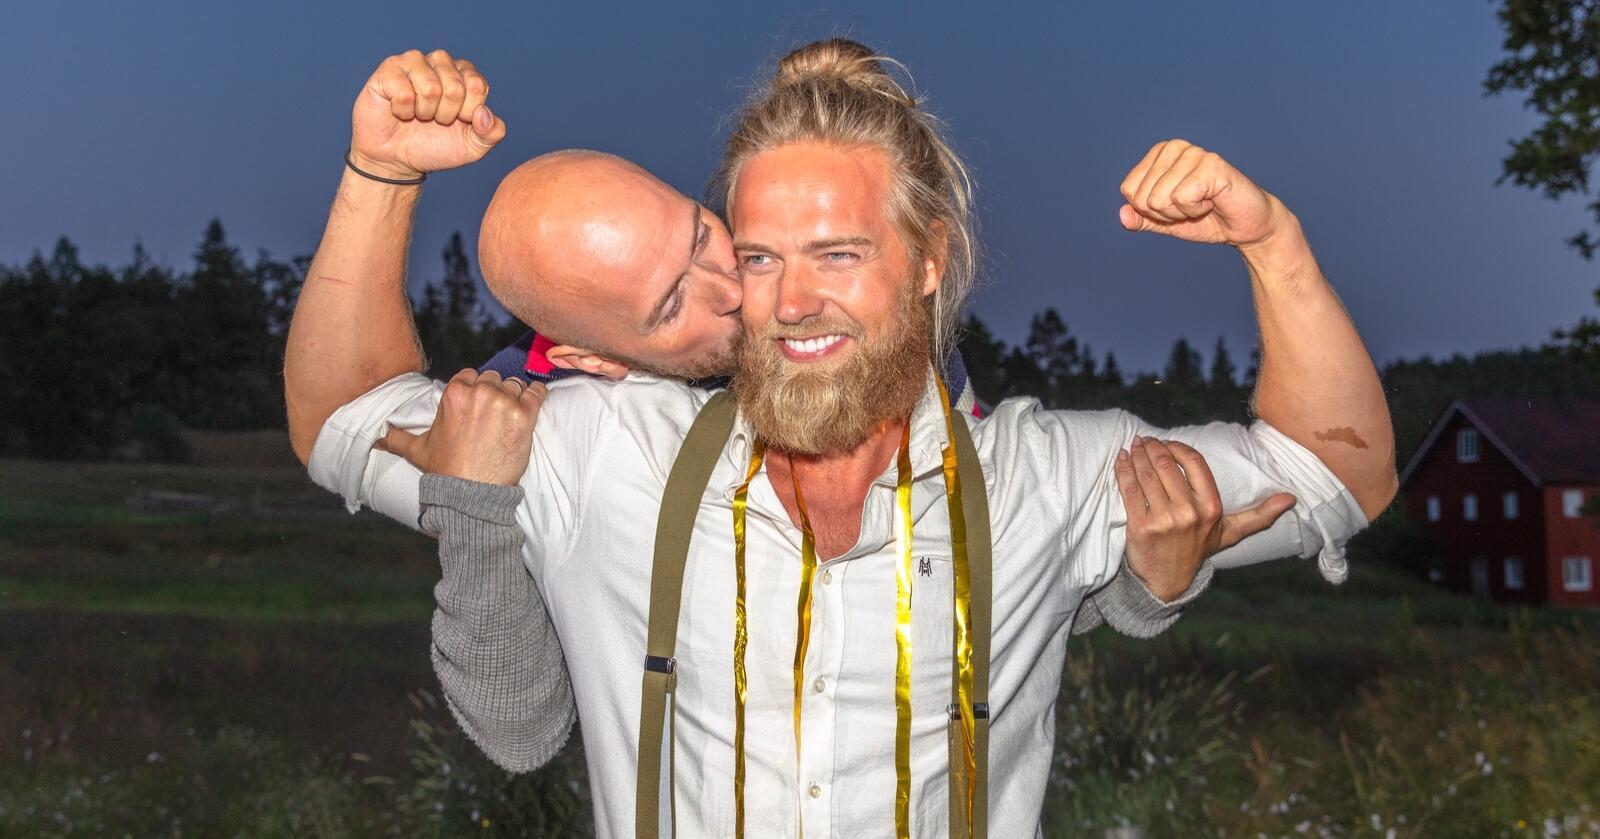 Instagram-stjerne Lasse Matberg fikk et kyss på skinnet av komiker Terje Sporsem etter å slått ham i «Farmen Kjendis»-finalen. Foto: Alex Iversen/TV 2